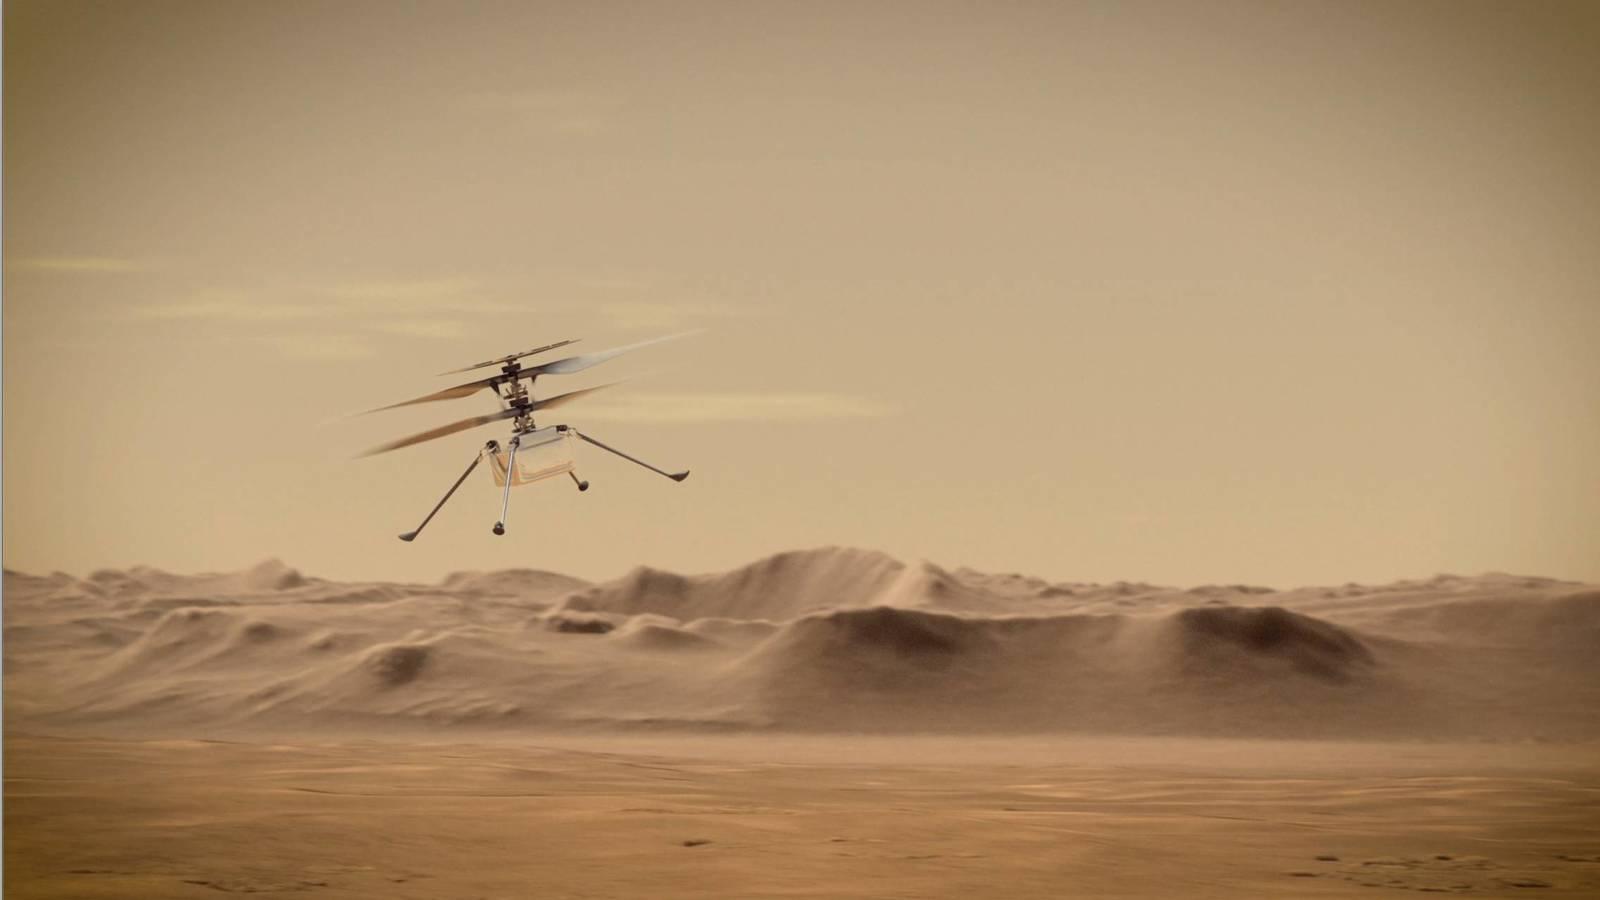 Марсолету Ingenuity продлили миссию — теперь он может летать до осени 2021 года - 1